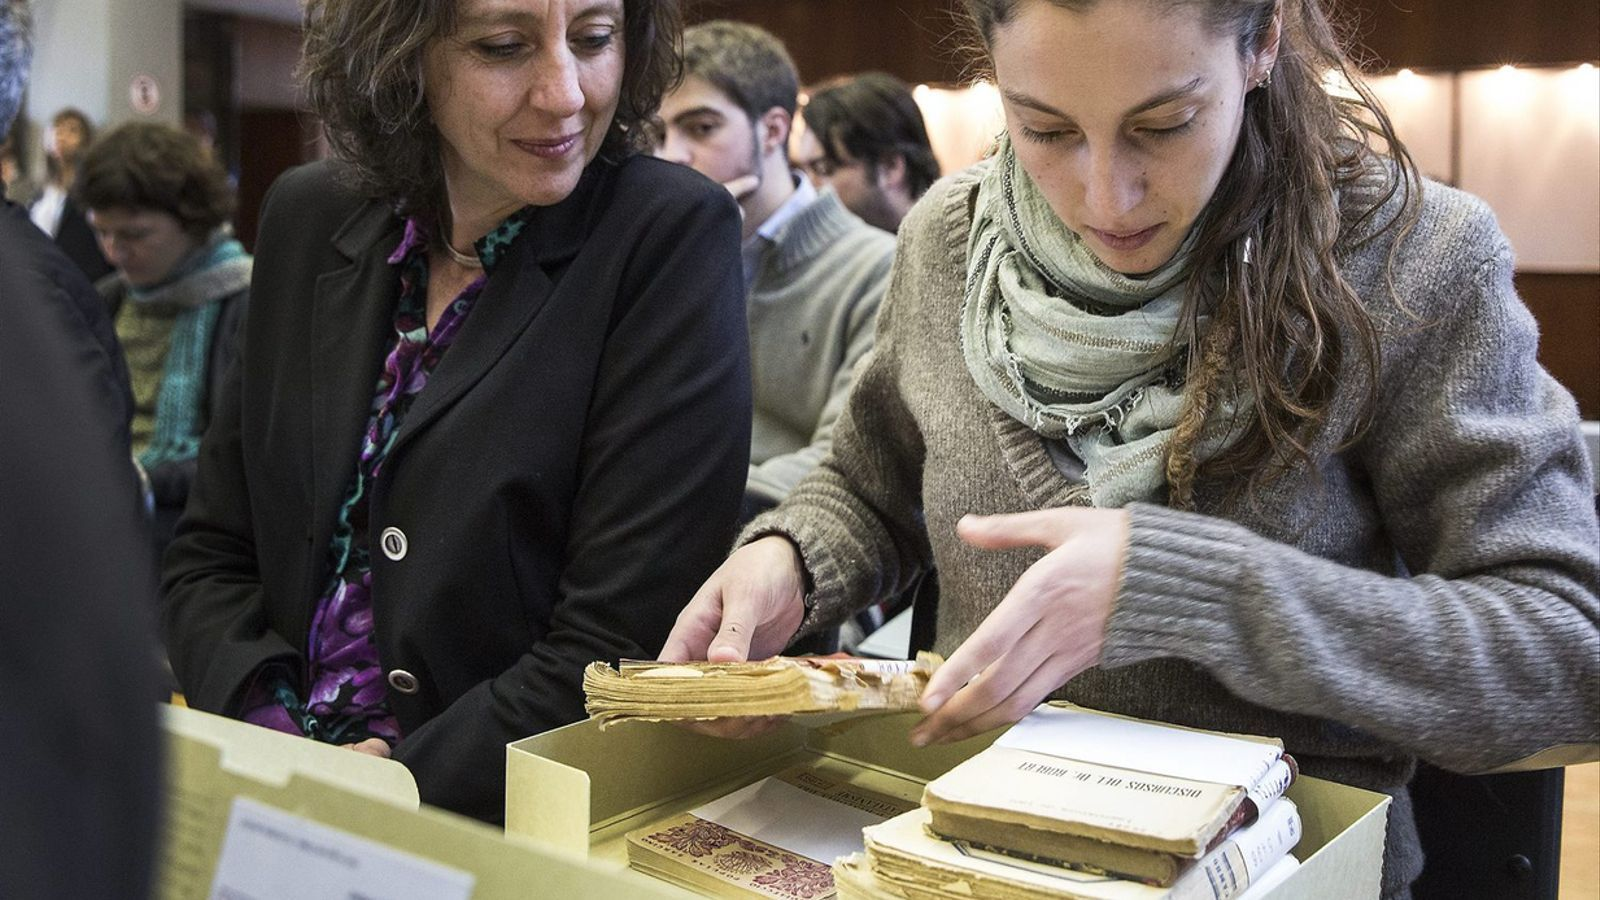 La neta d'Antoni Rovira i Virgili recollint alguns dels documents del seu avi que van ser retornats a Catalunya